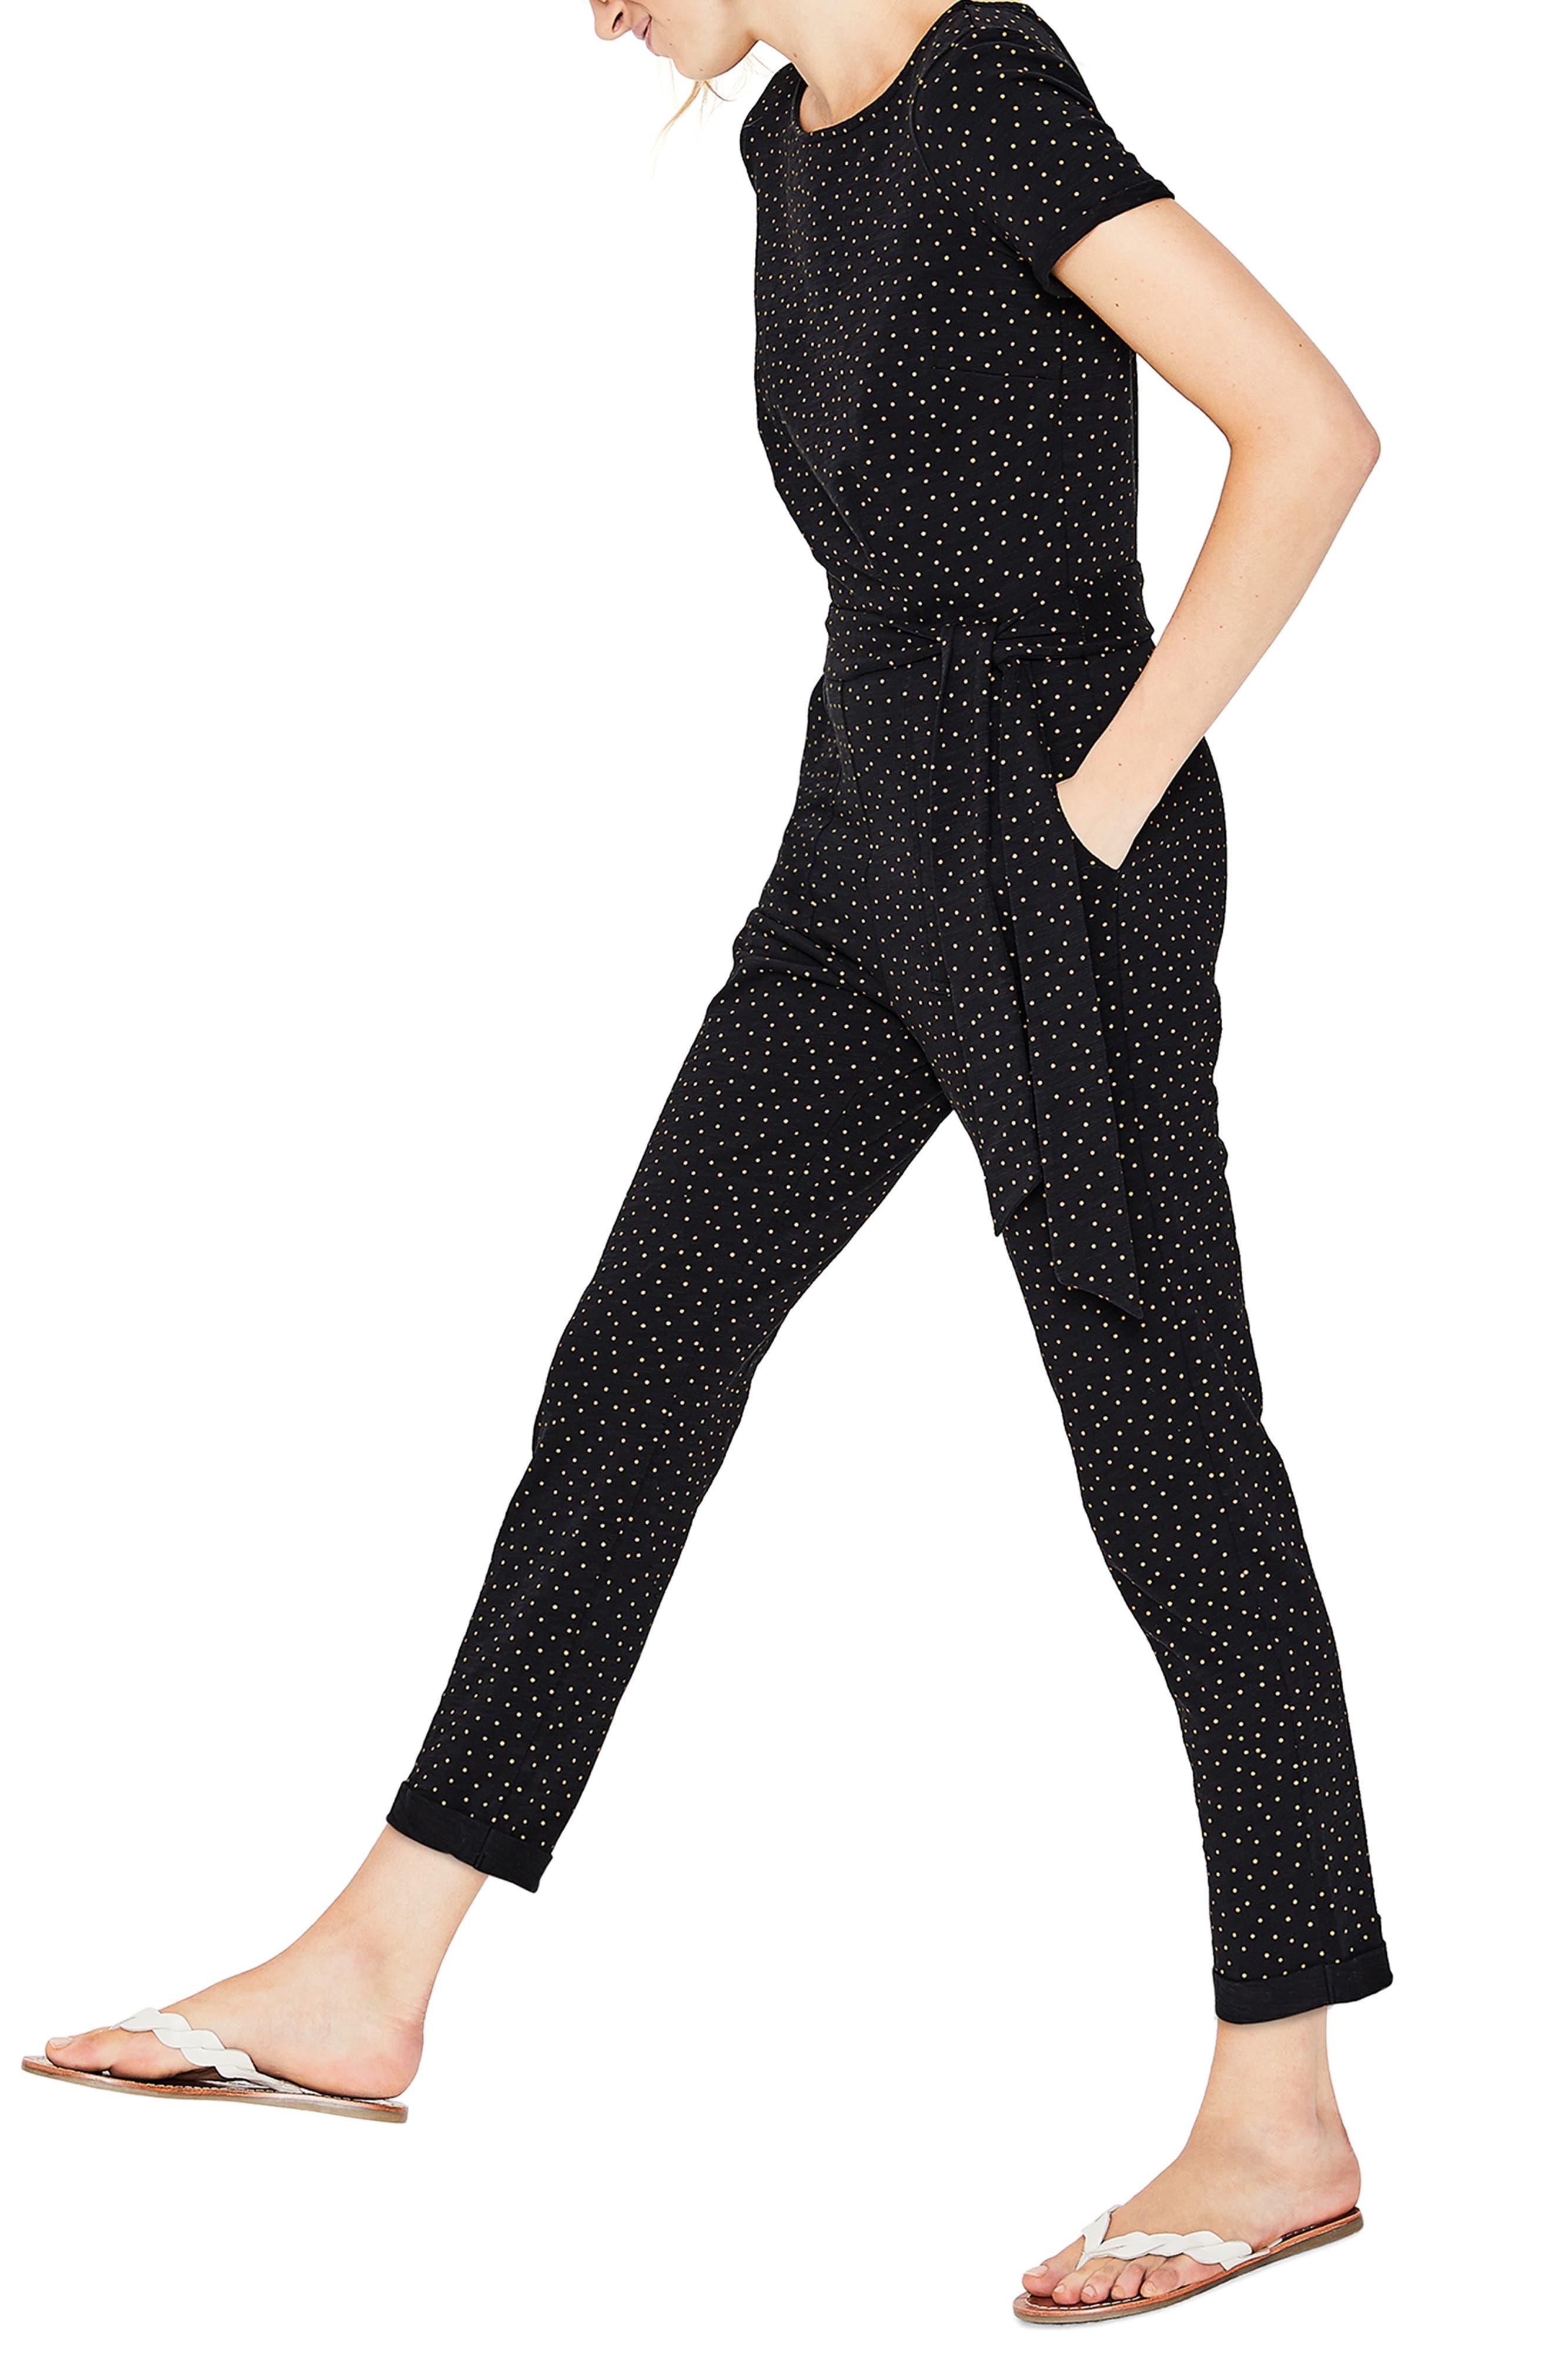 BODEN, Caitlin Jersey Jumpsuit, Alternate thumbnail 3, color, BLACK/ SOFT TRUFFLE SPOT